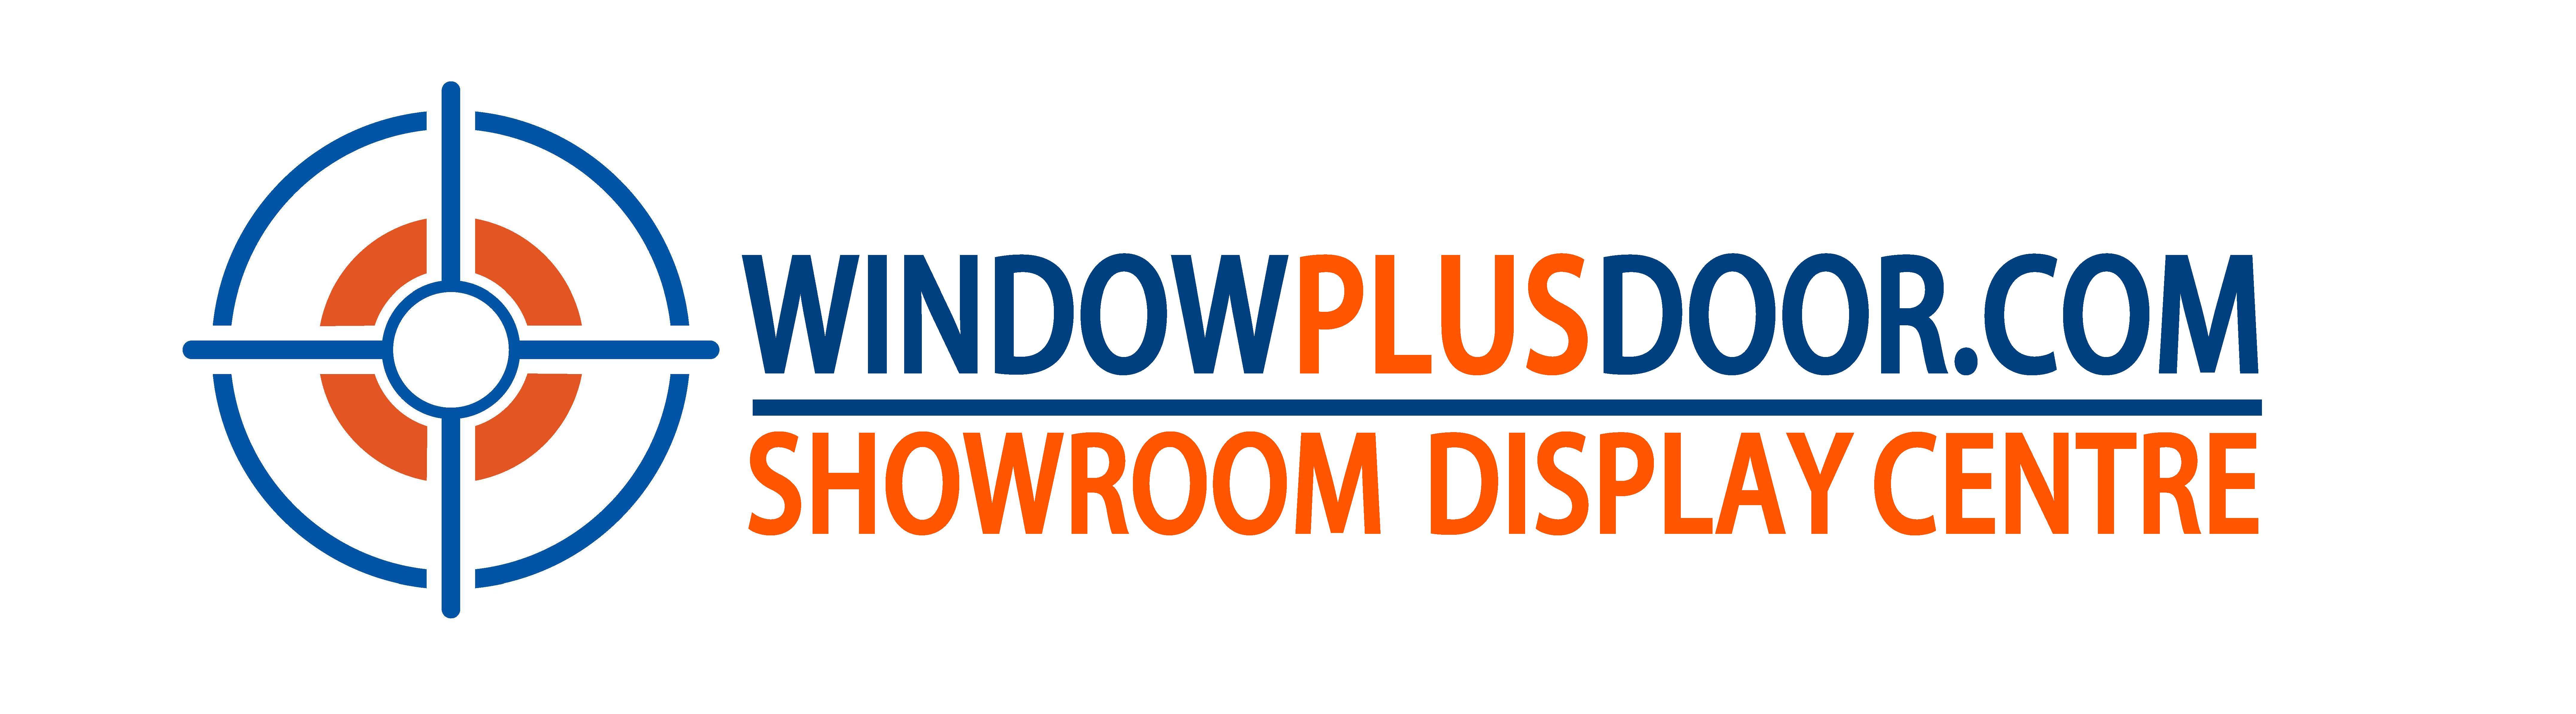 Window Plus Door